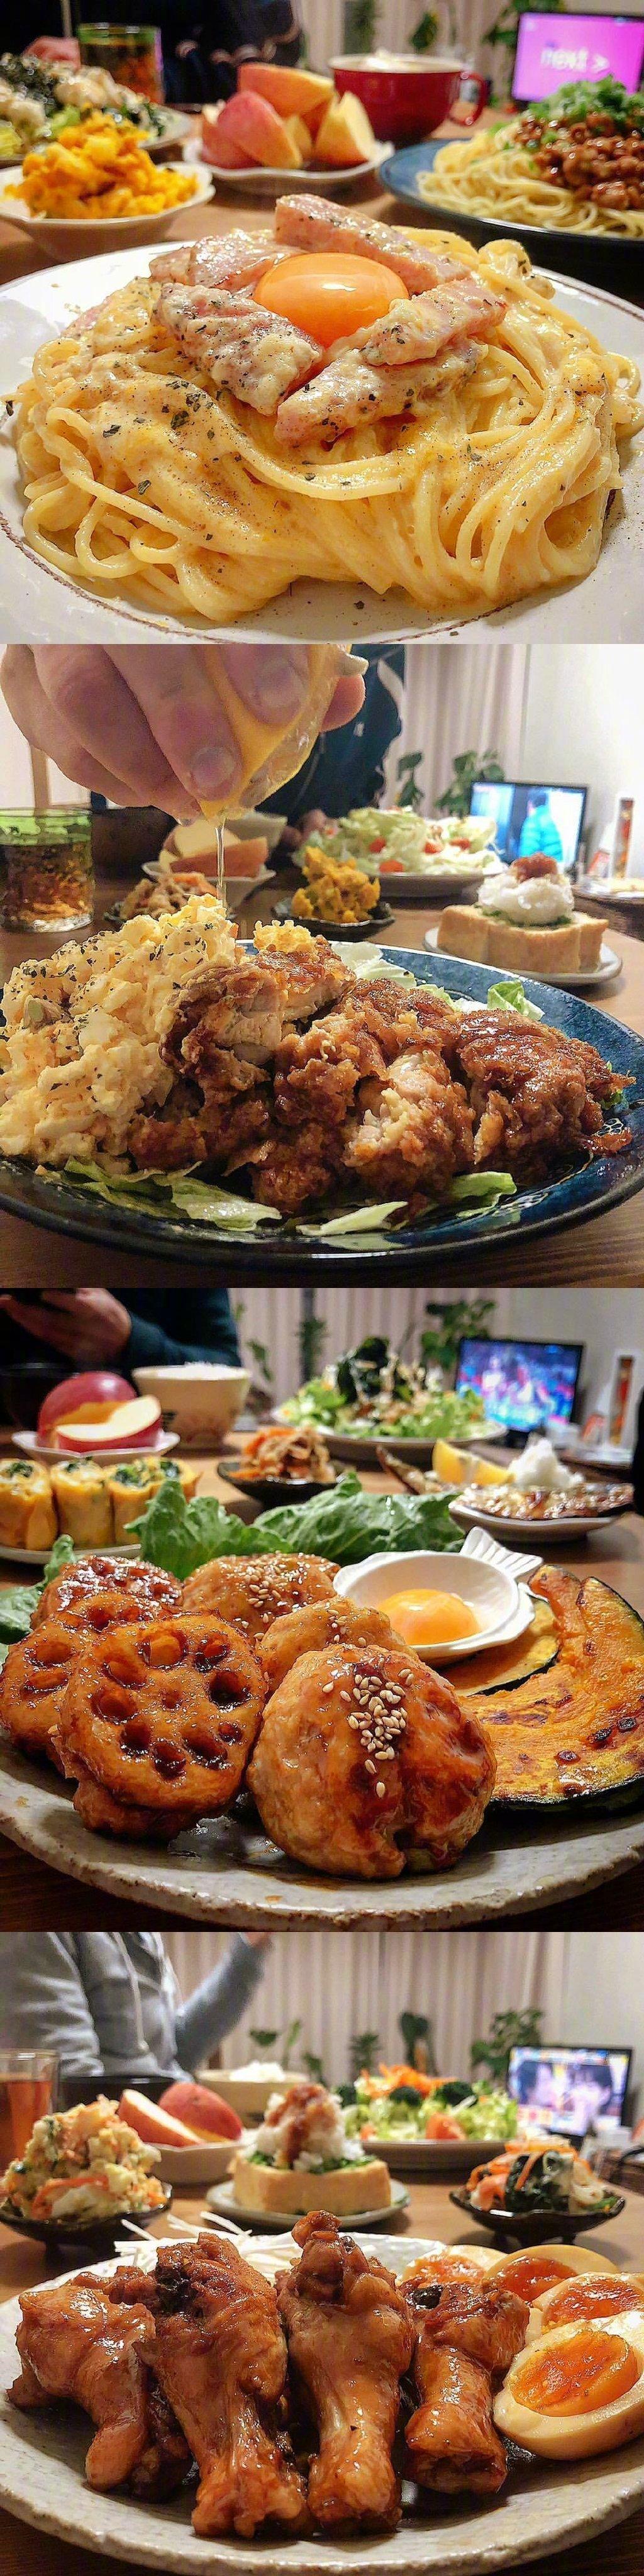 找男朋友一定要找会做饭的,毕竟人间最暖不过爱与美食